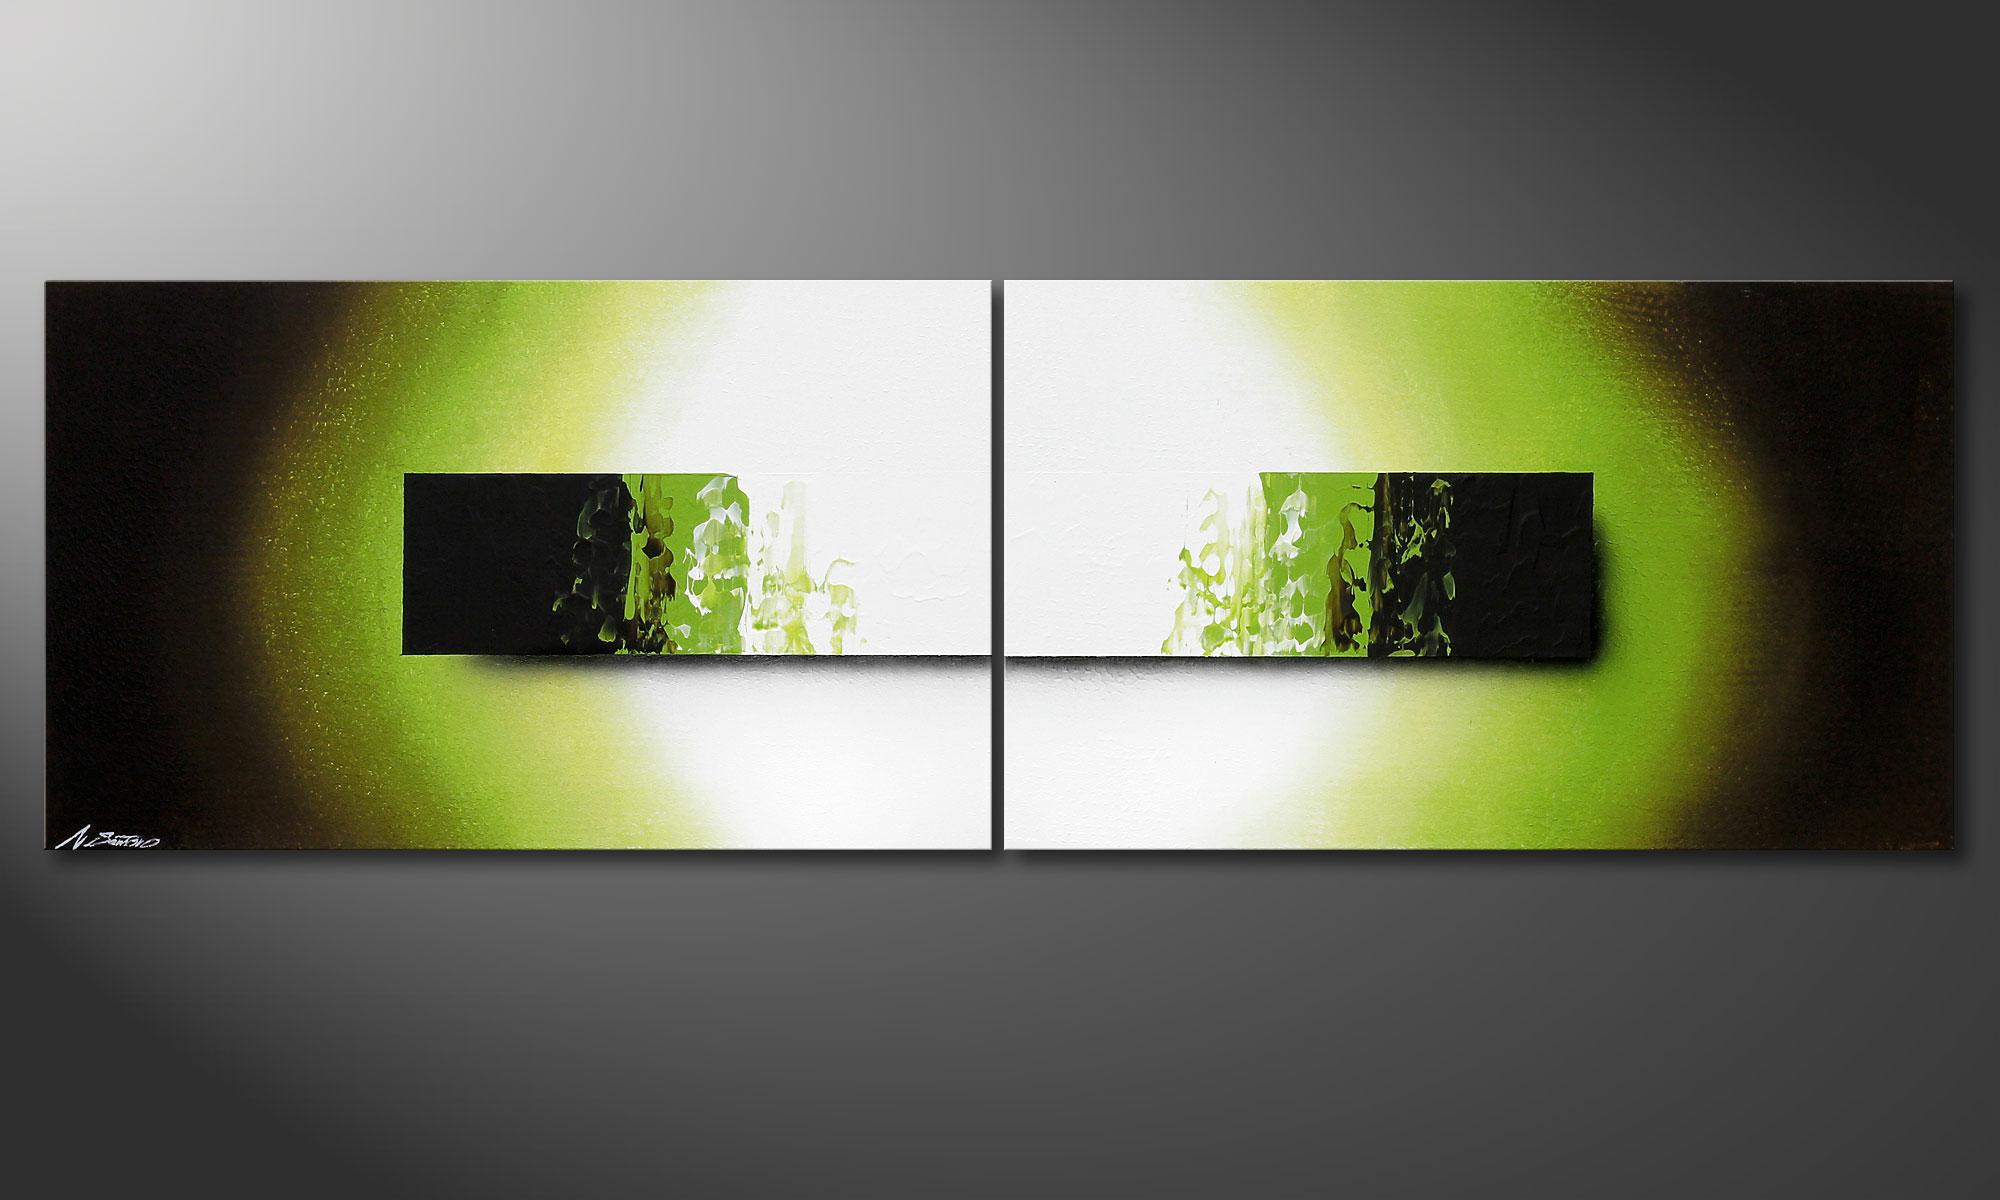 La peinture moderne jungle fever 200x60cm tableaux xxl for Peinture murale vert anis